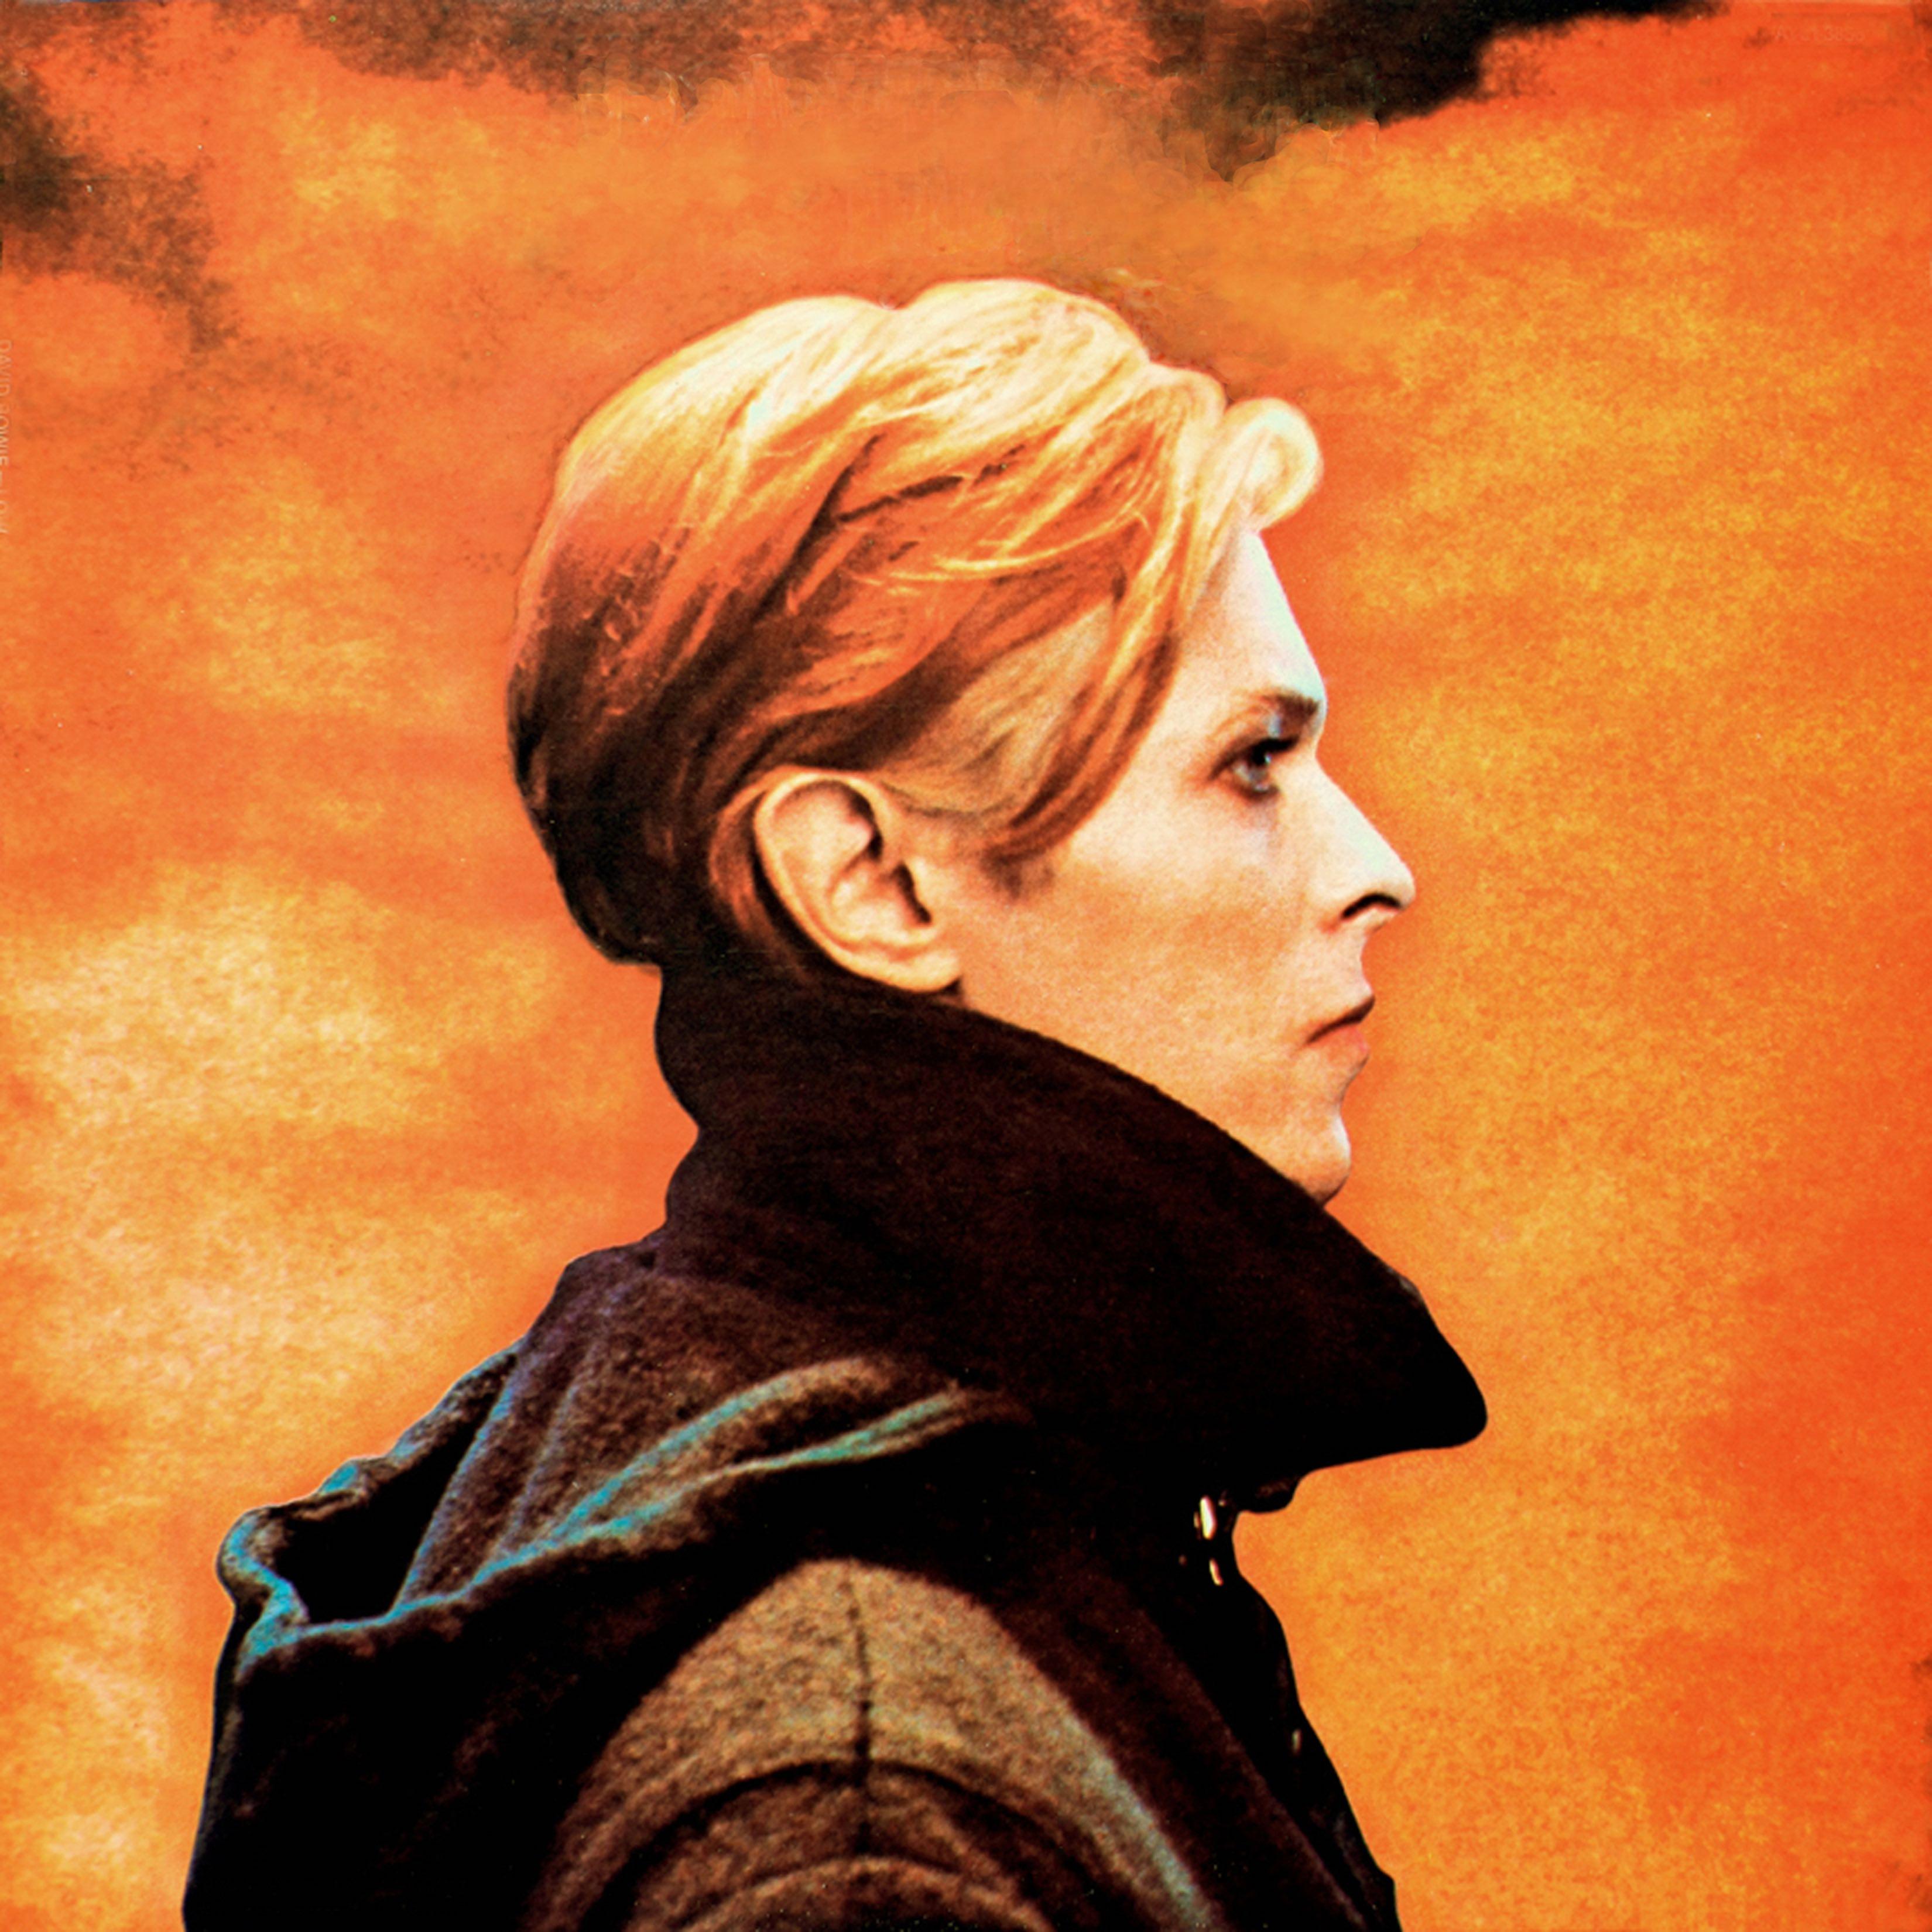 Bowie LOW, New Mexico 1975 © Steve Schapiro